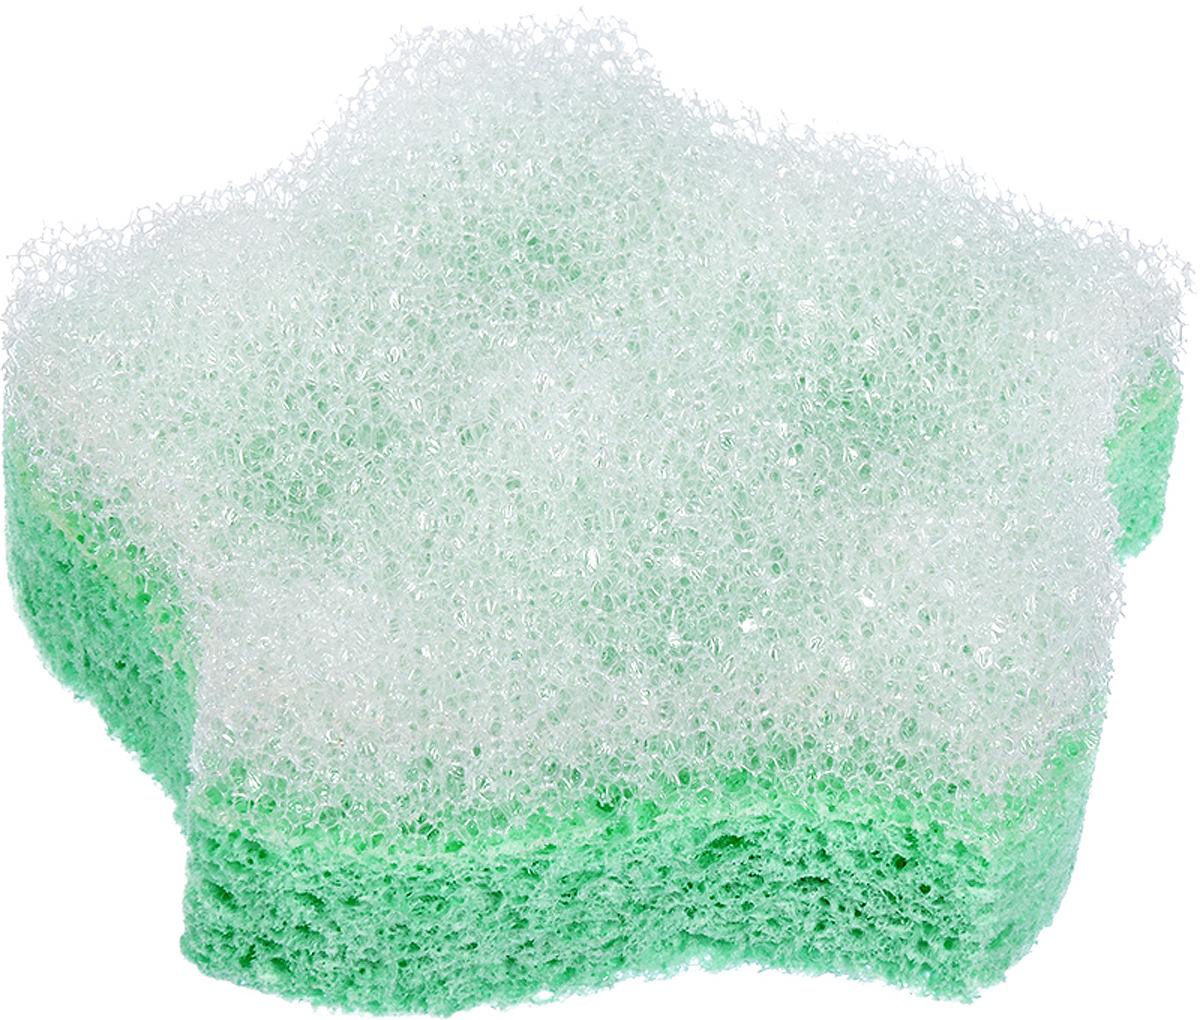 Мочалка Банные штучки, цвет: зеленый, с массажным слоем, 11 х 11 х 3,5 см мочалка банные штучки цвет зеленый с массажным слоем 13 х 9 х 3 5 см